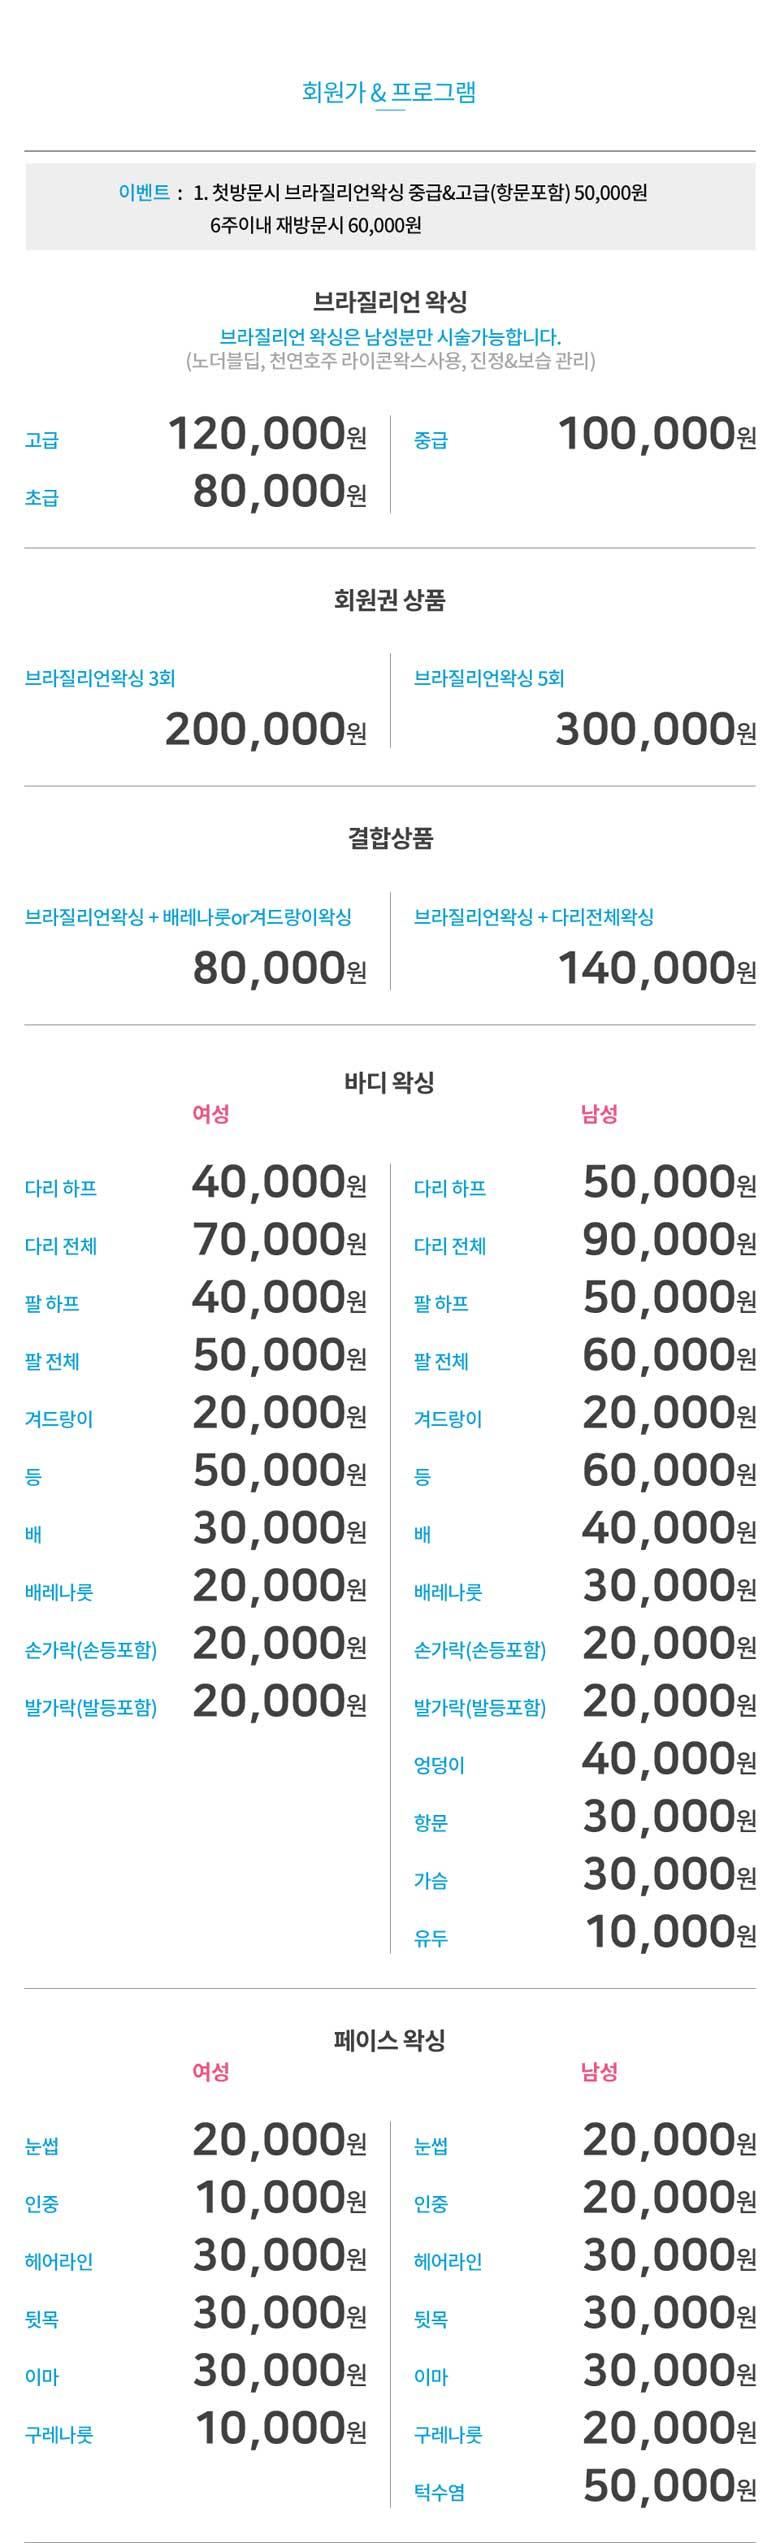 논현왁싱_신논현왁싱_강남왁싱_서울_강남구_논현동_신논현역_왁싱에미치다_업체가격